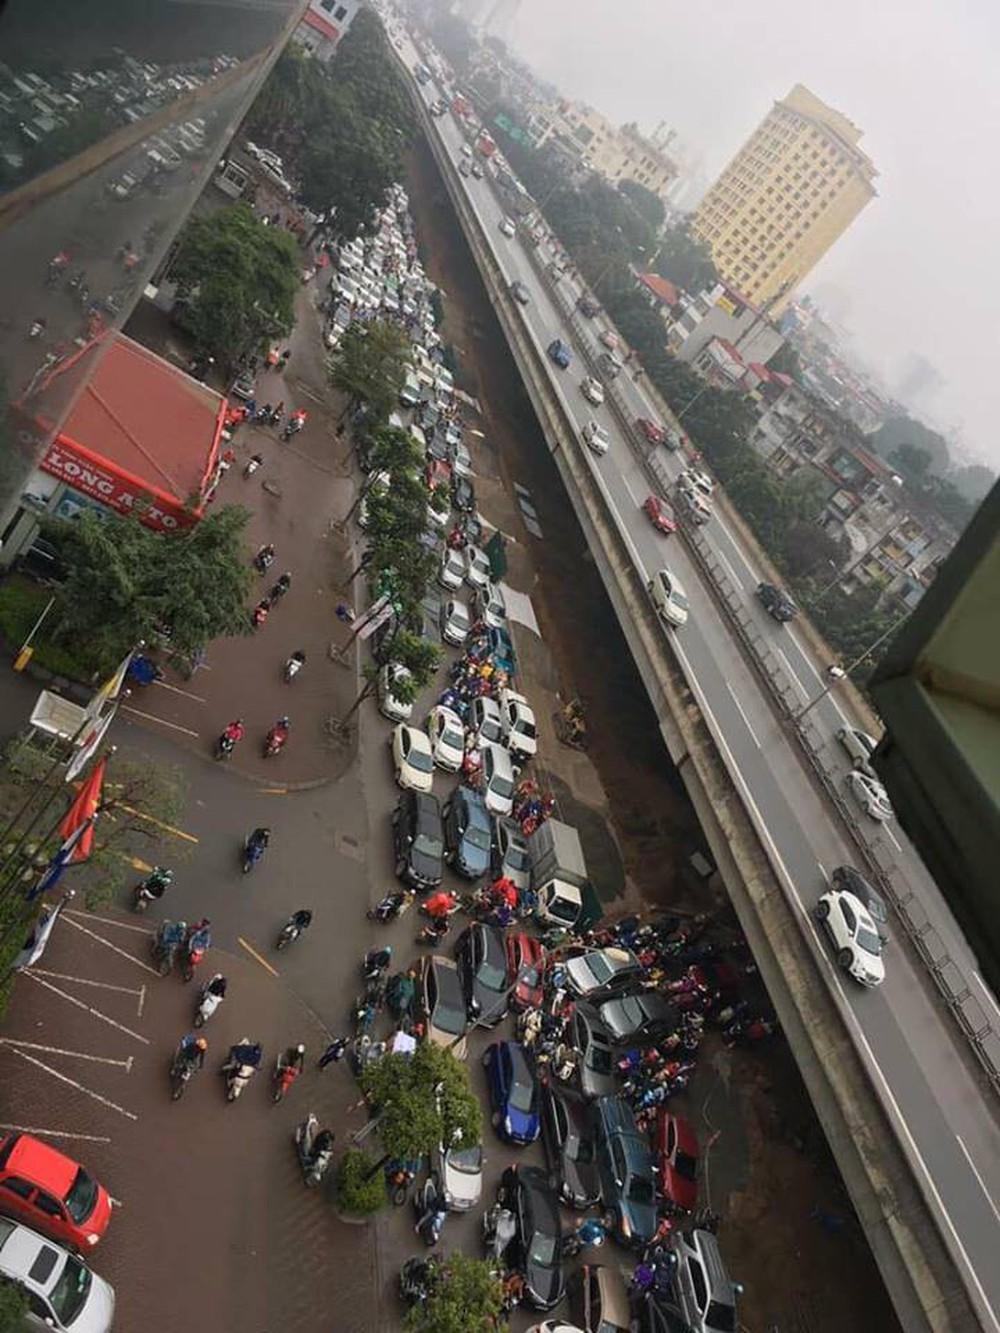 Tắc đường kinh hoàng ở Hà Nội sáng nay: Qua 20 cái đèn xanh rồi mà vẫn không thể di chuyển - Ảnh 8.